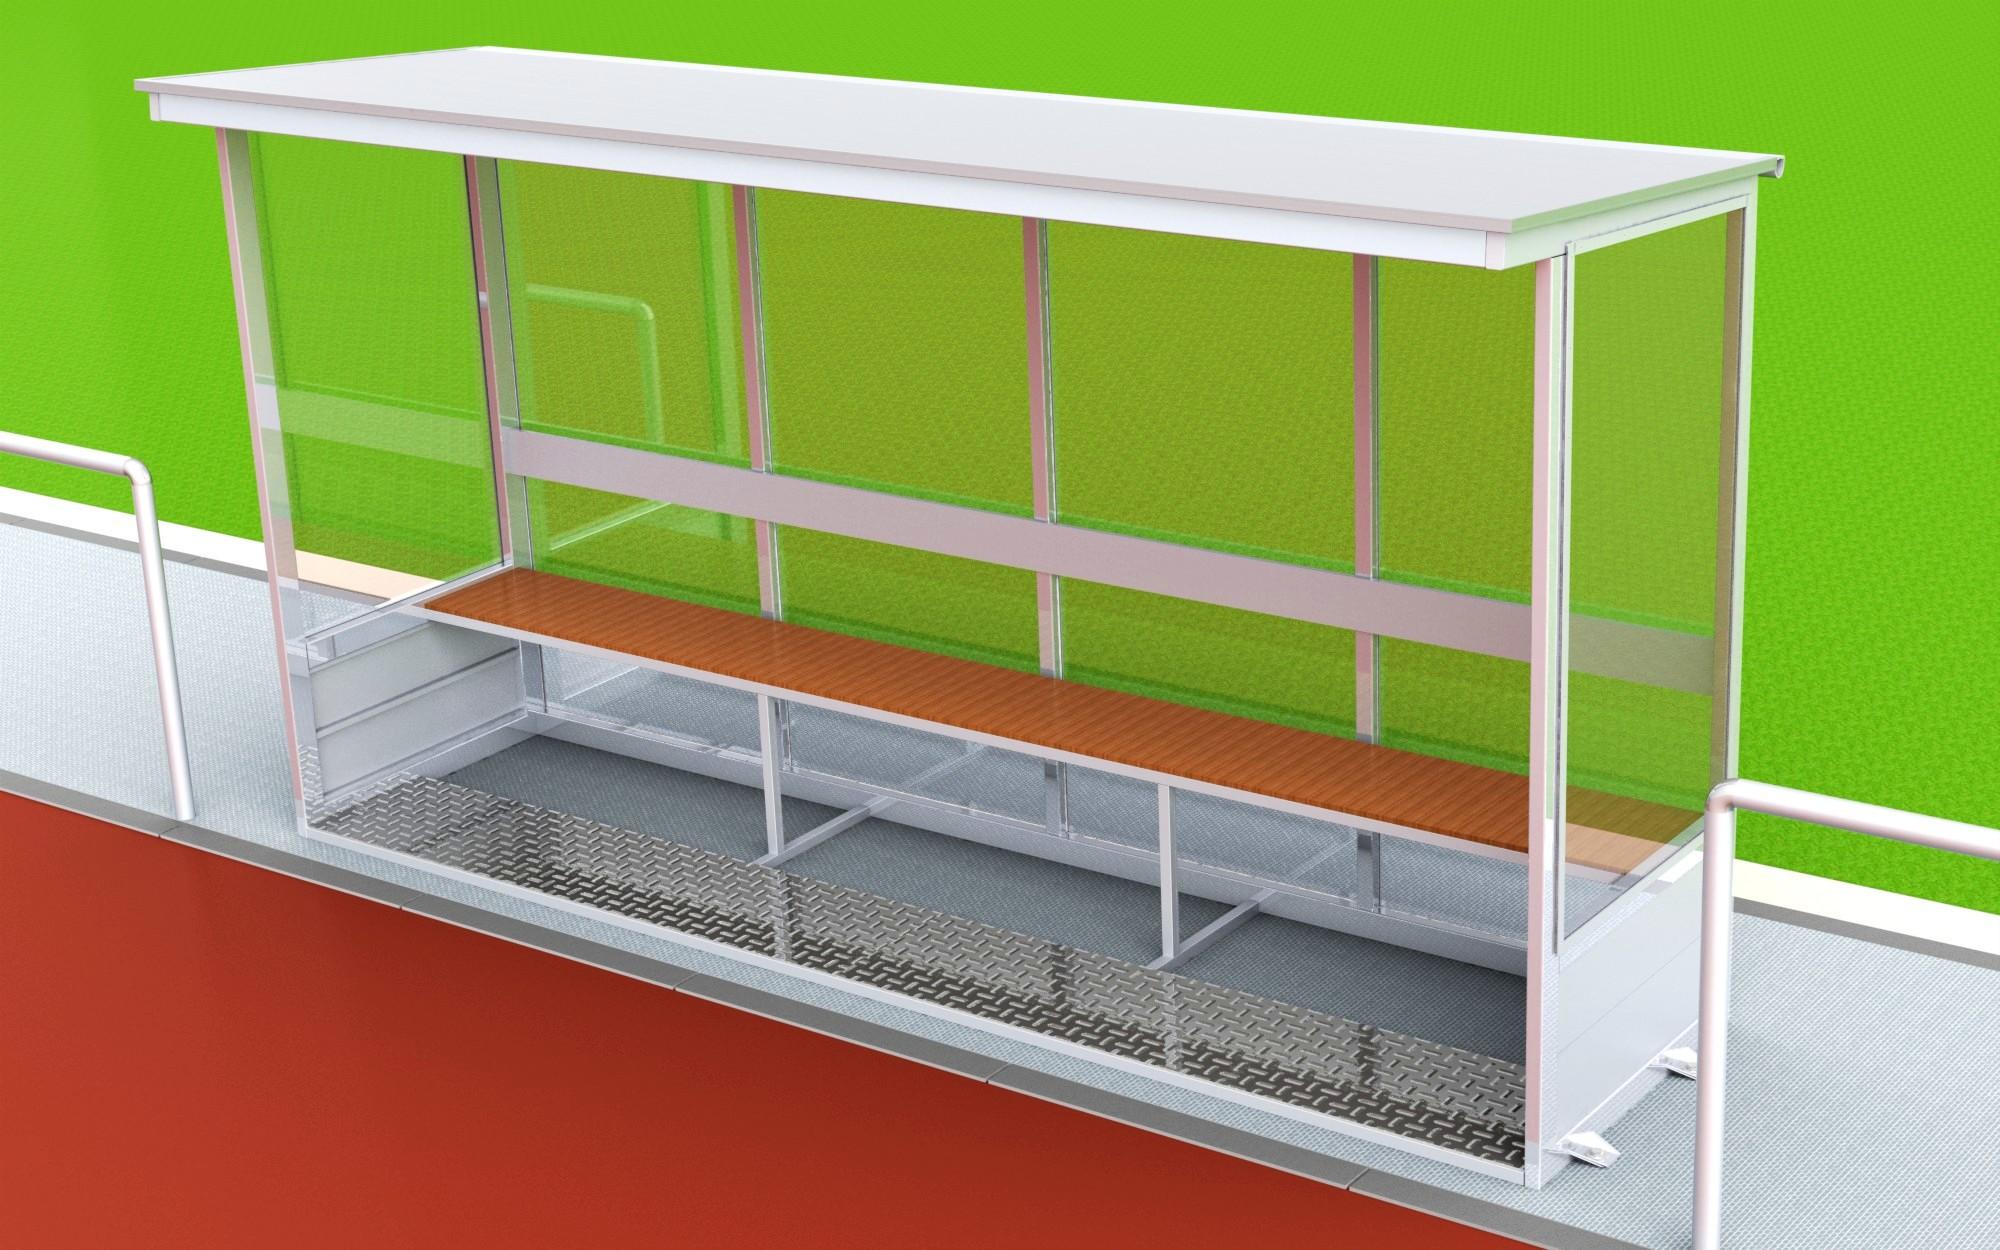 Spielerkabine aus Aluminium mit geneigter Dachfläche